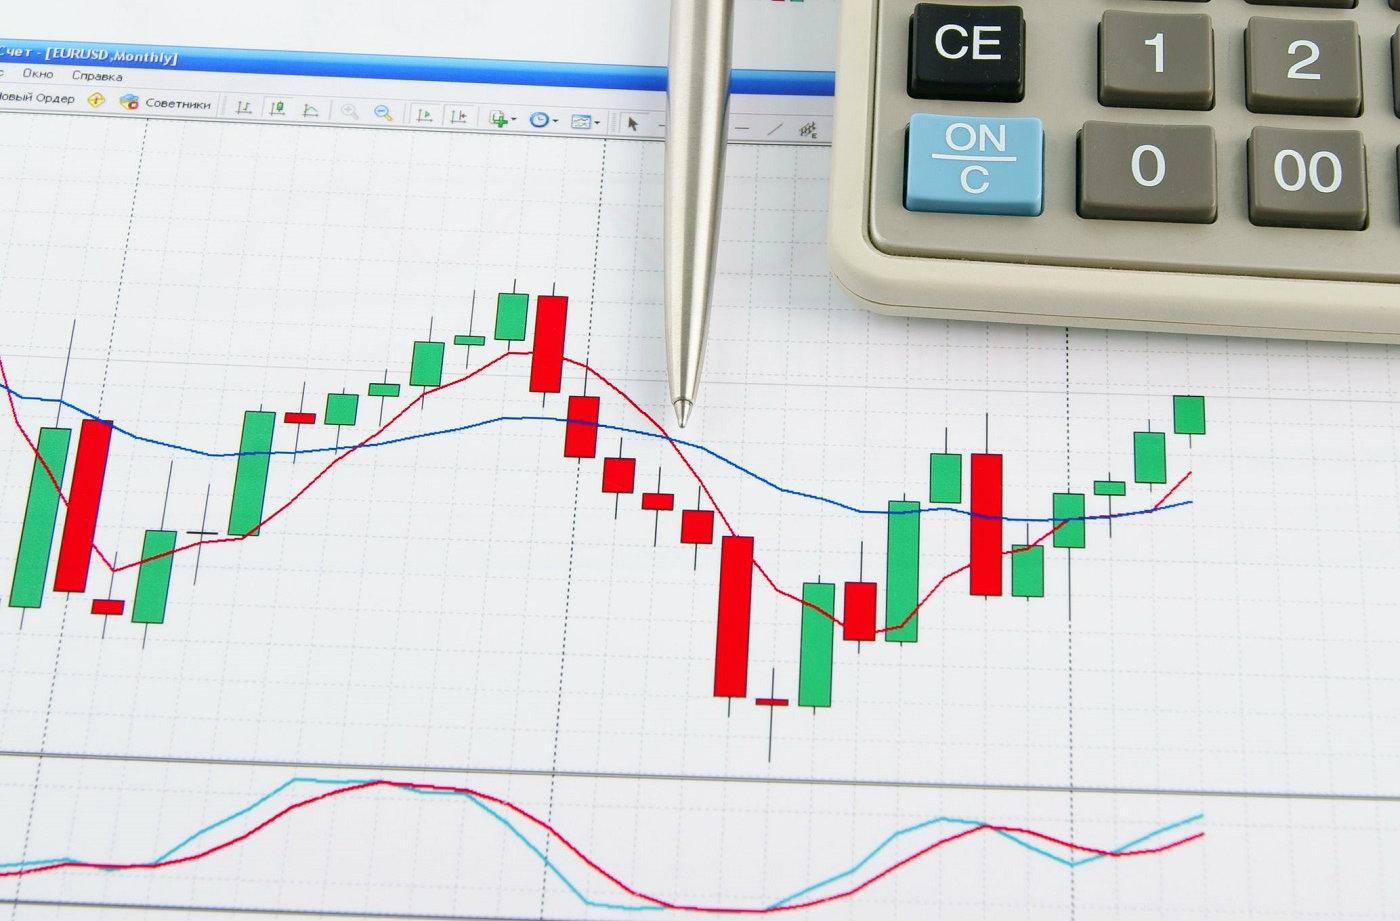 Quer investir na bolsa? Aprenda o básico sobre análise técnica